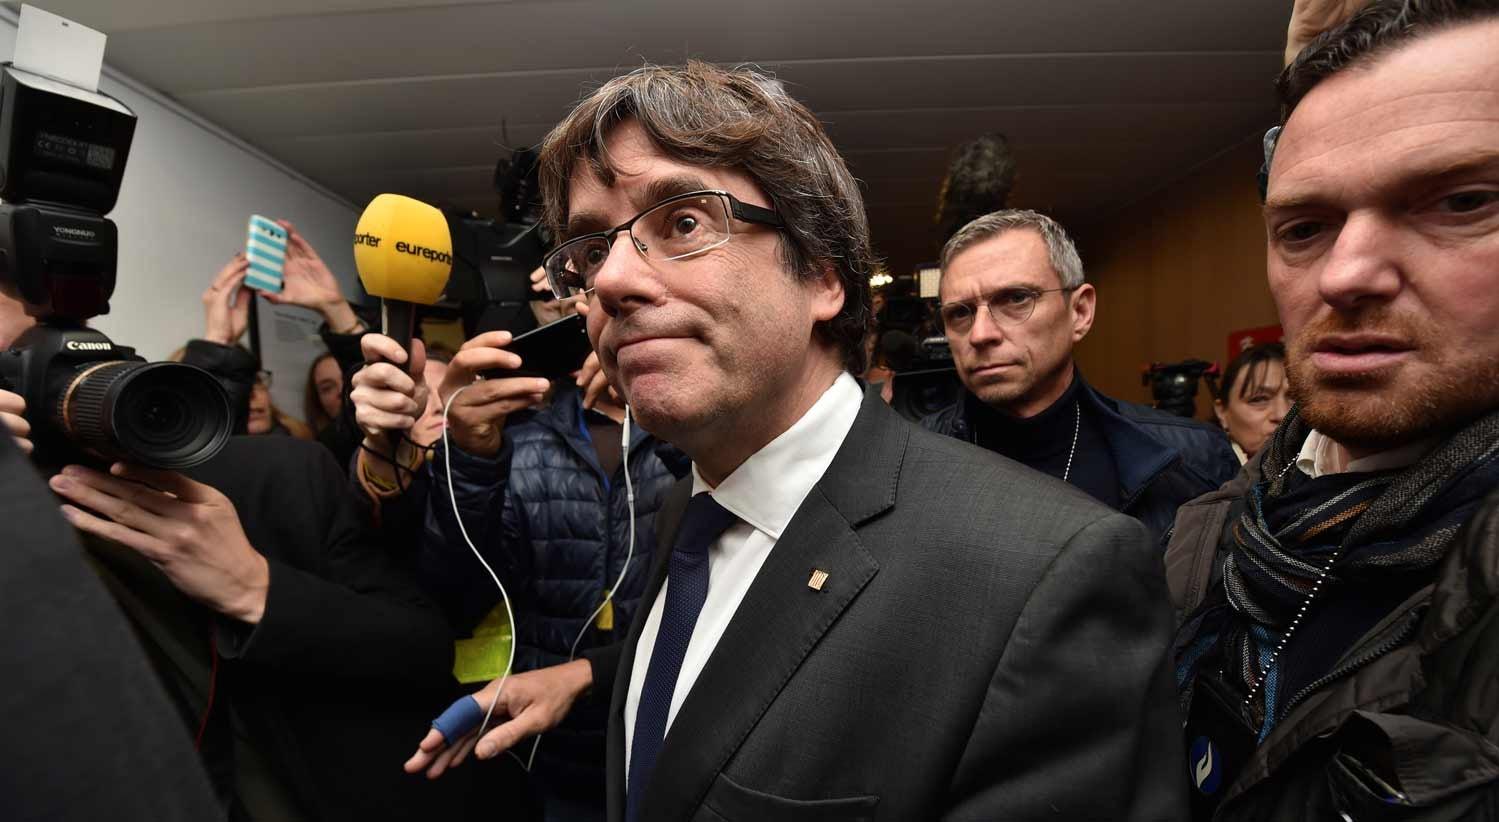 Juíza espanhola emite mandado europeu de detenção contra Puigdemont